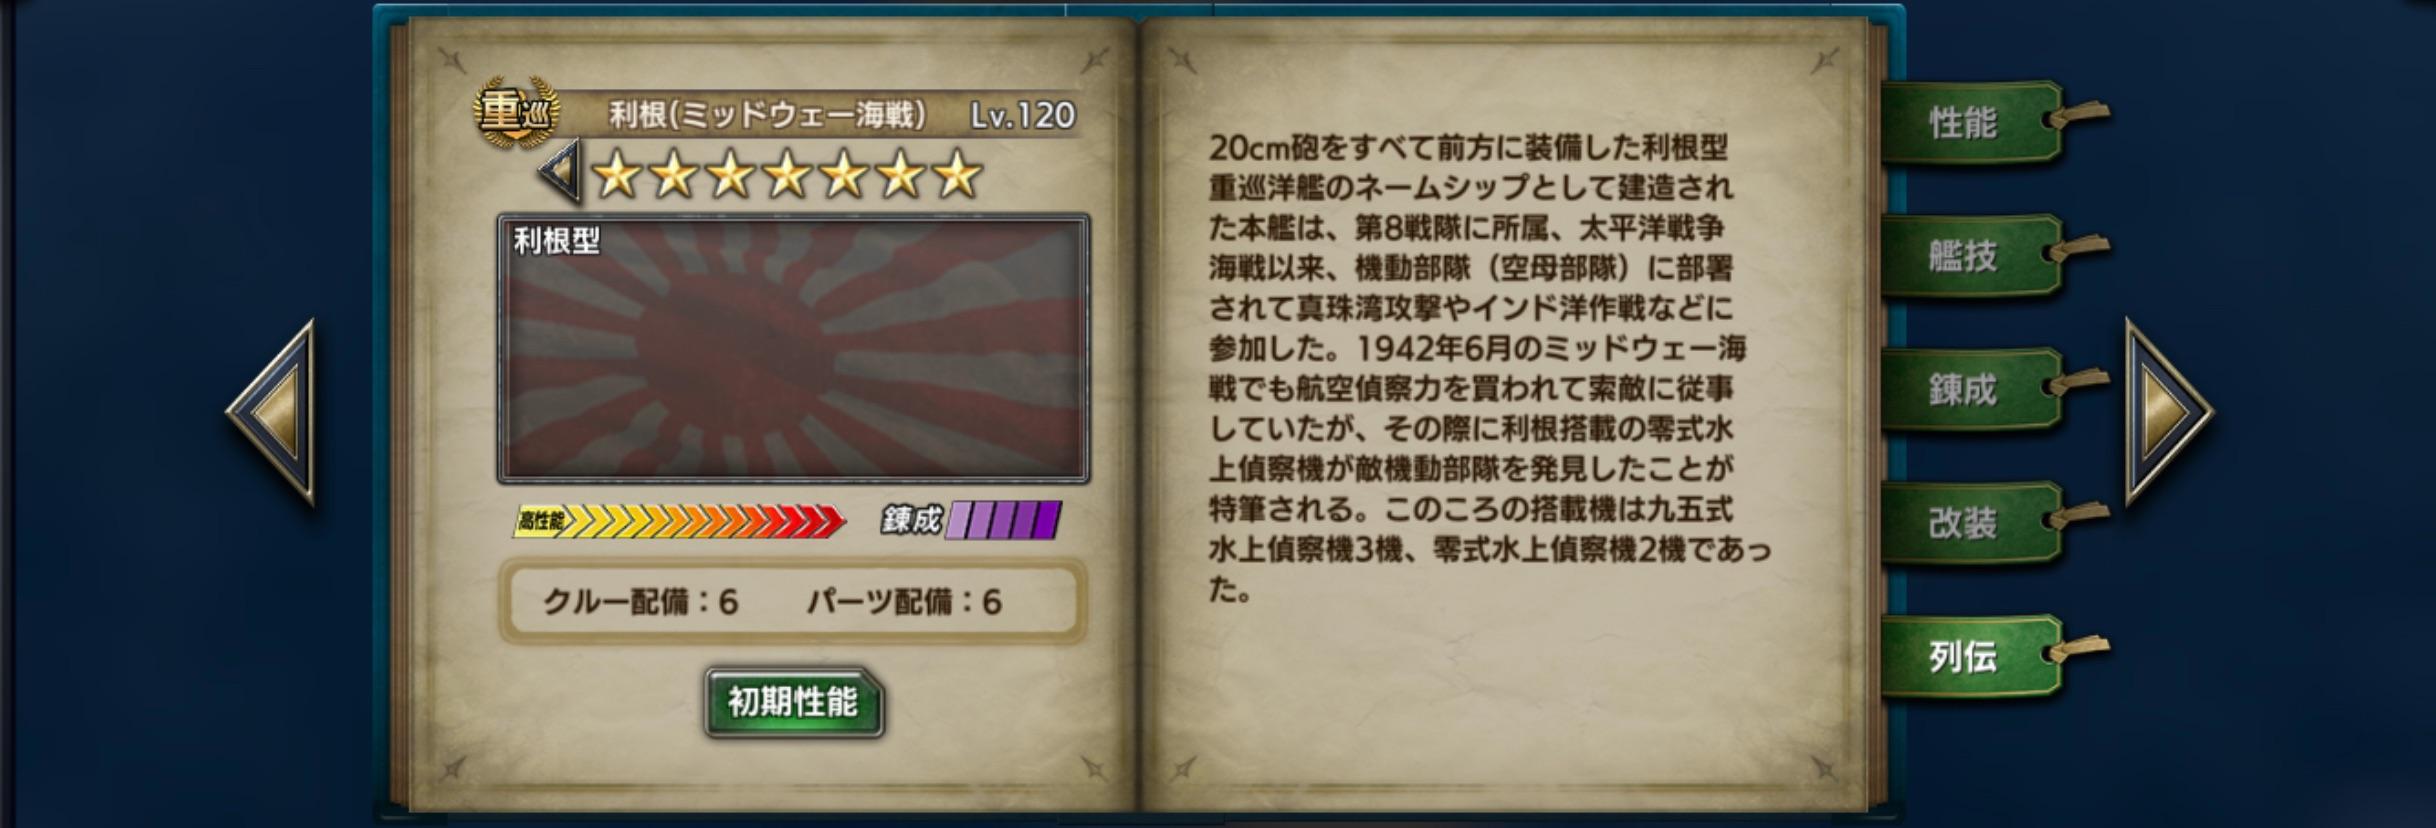 ToneM-history